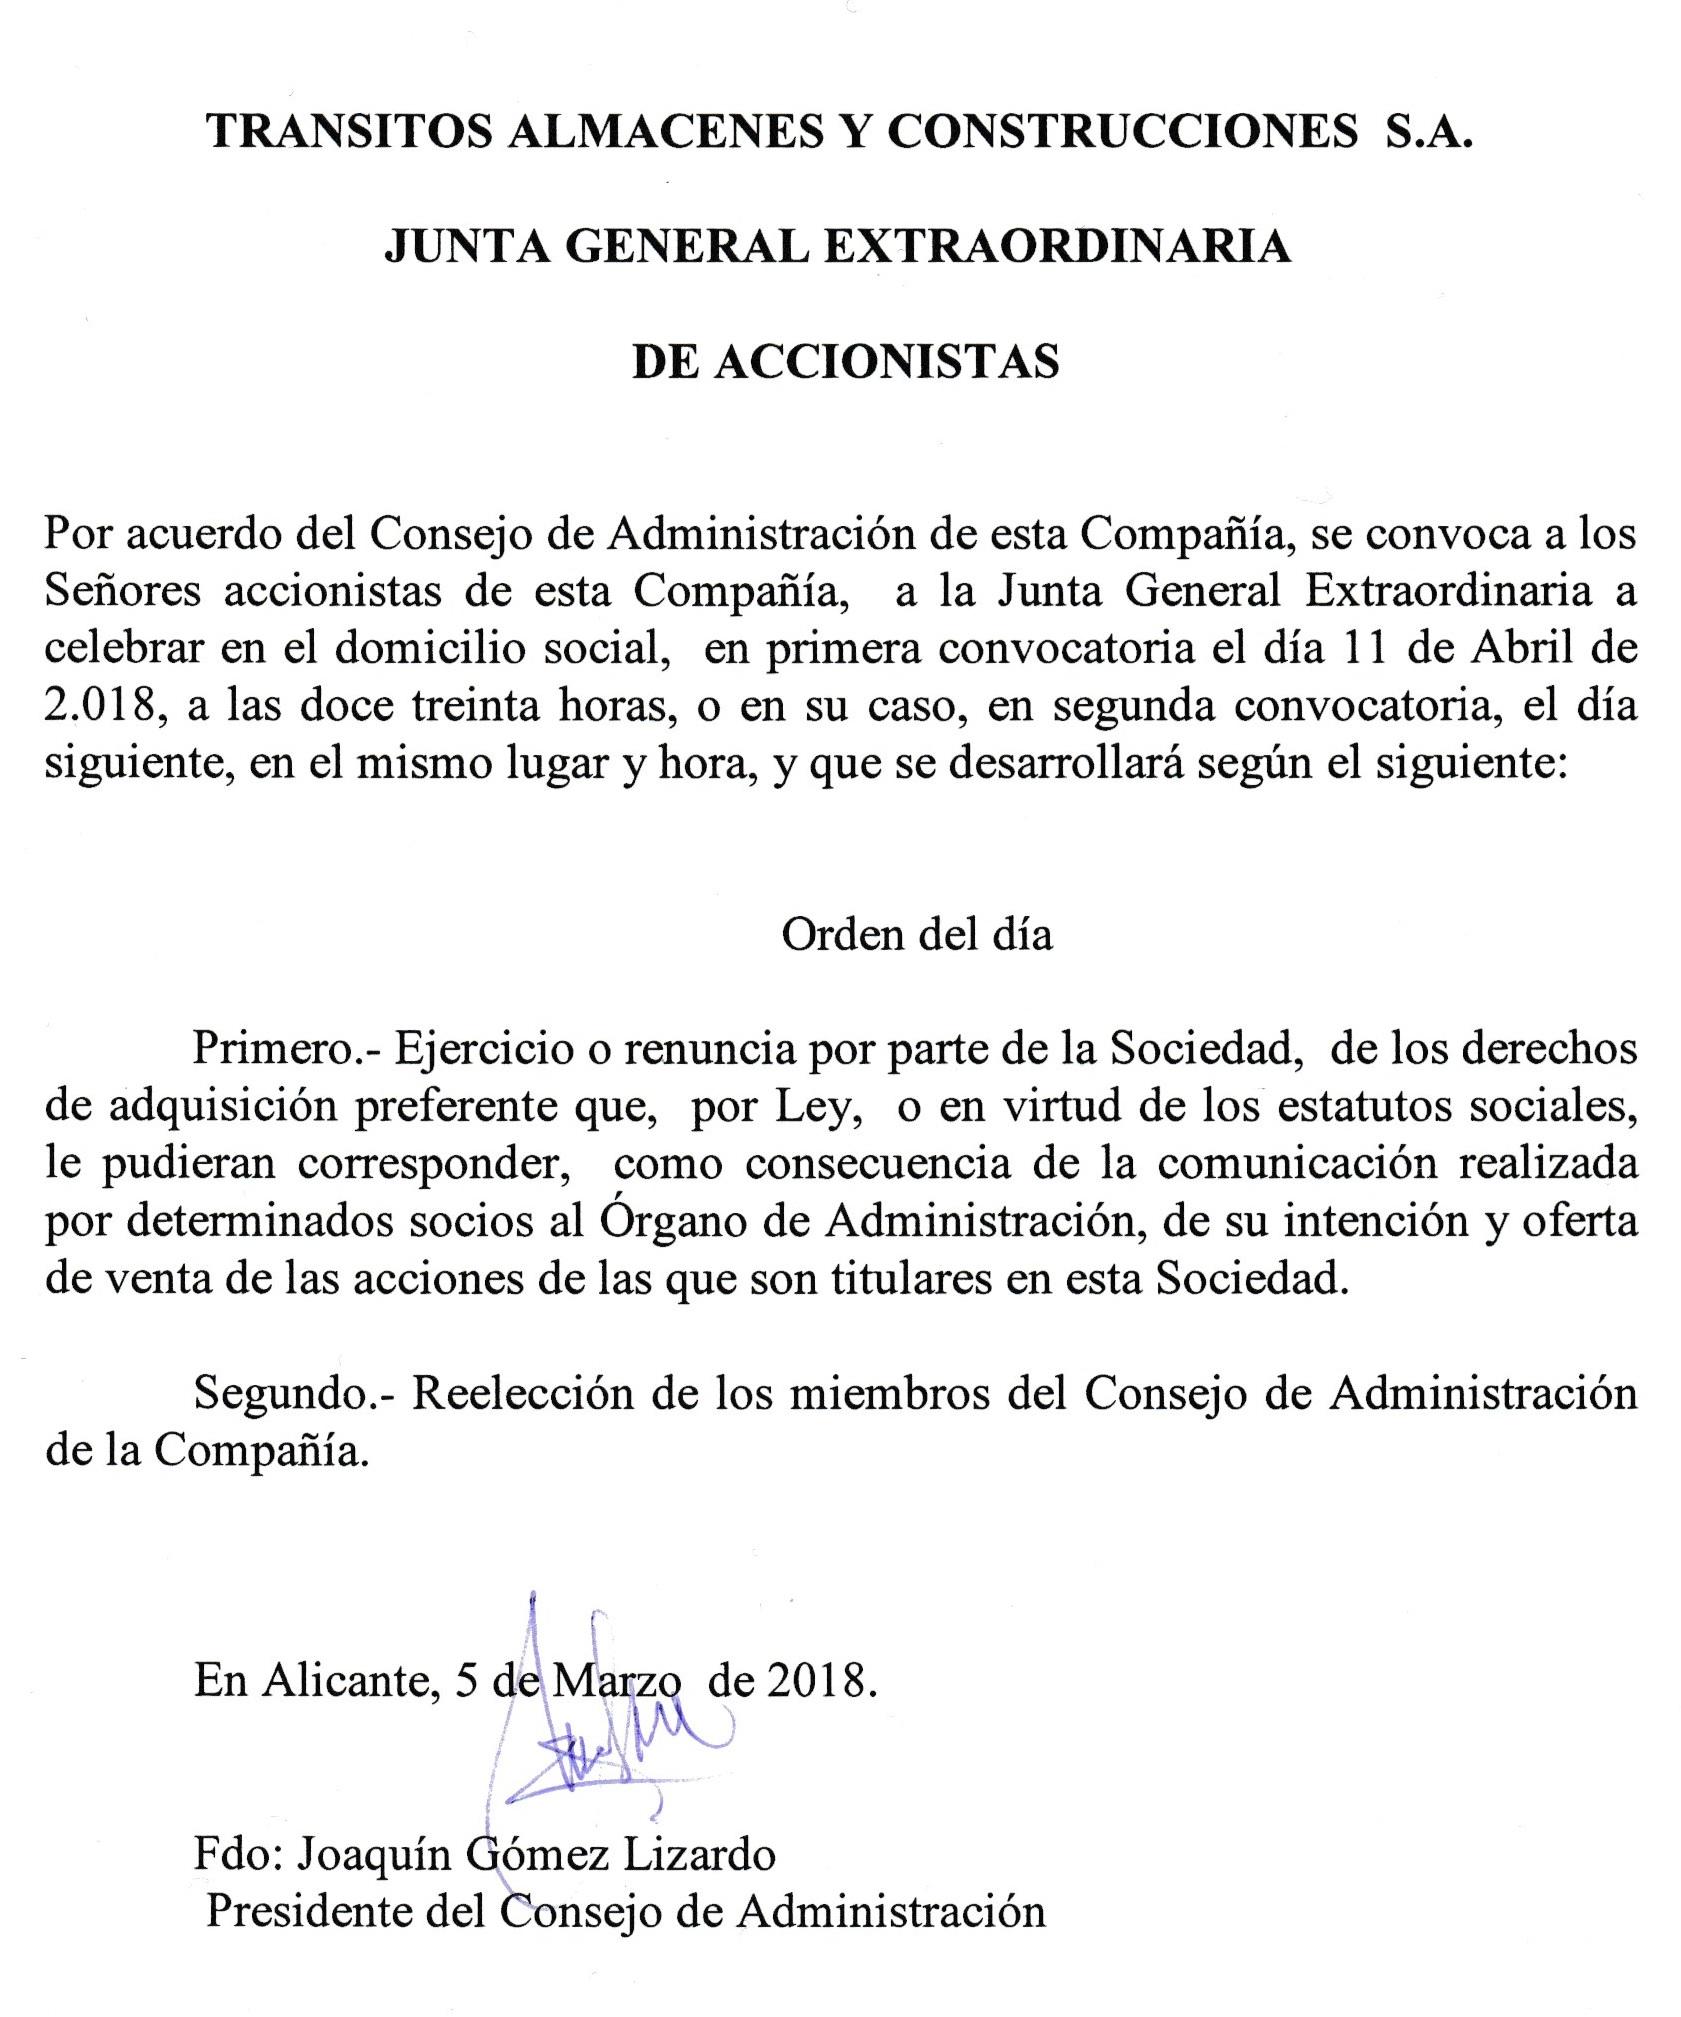 juntaTransalco18